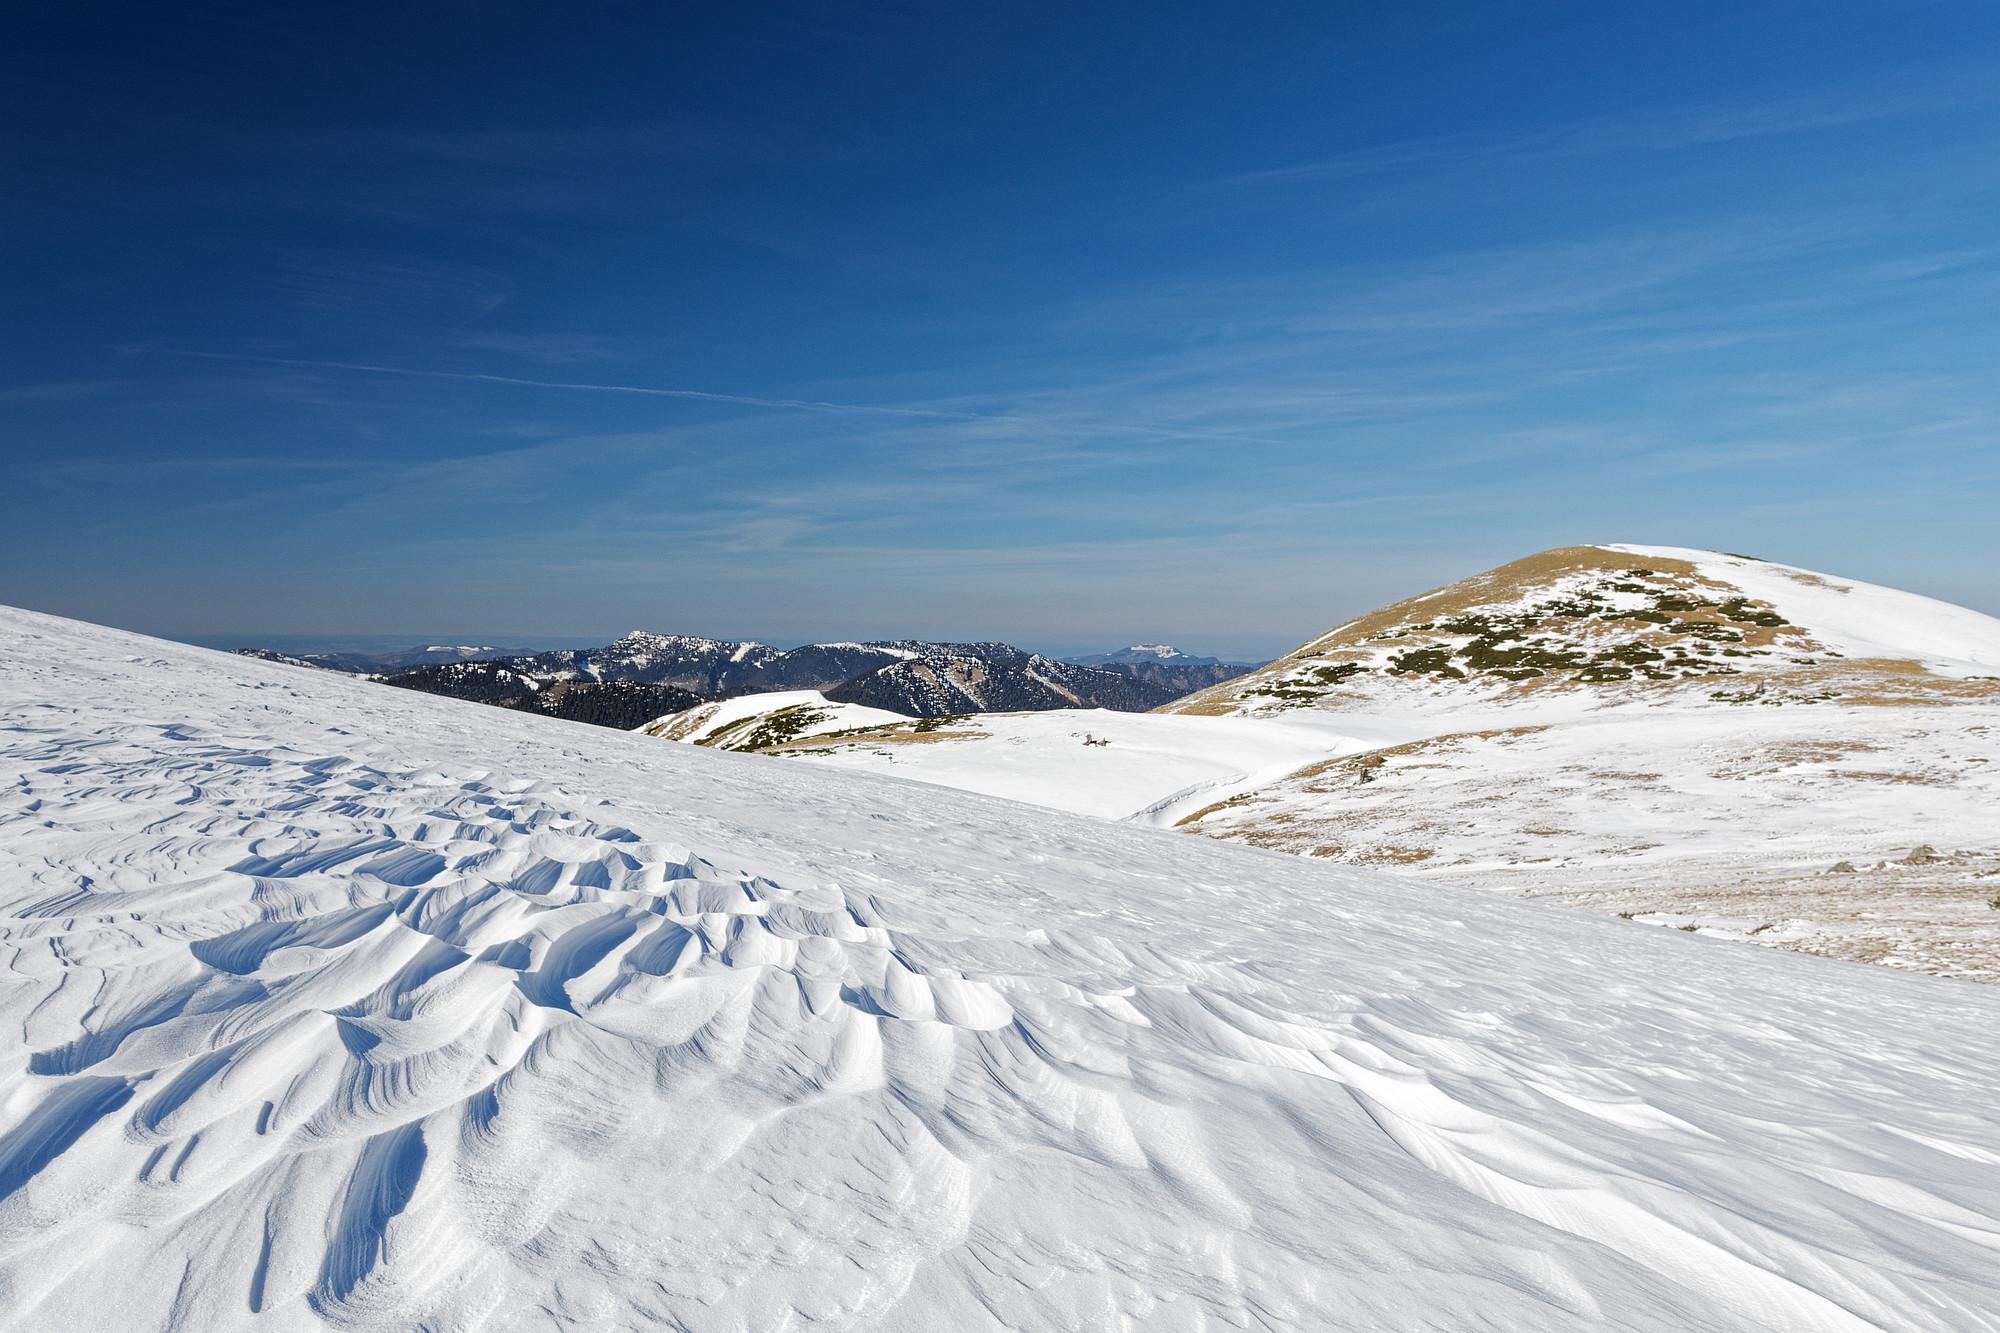 schneeformationen schneealpe 2021-03-10